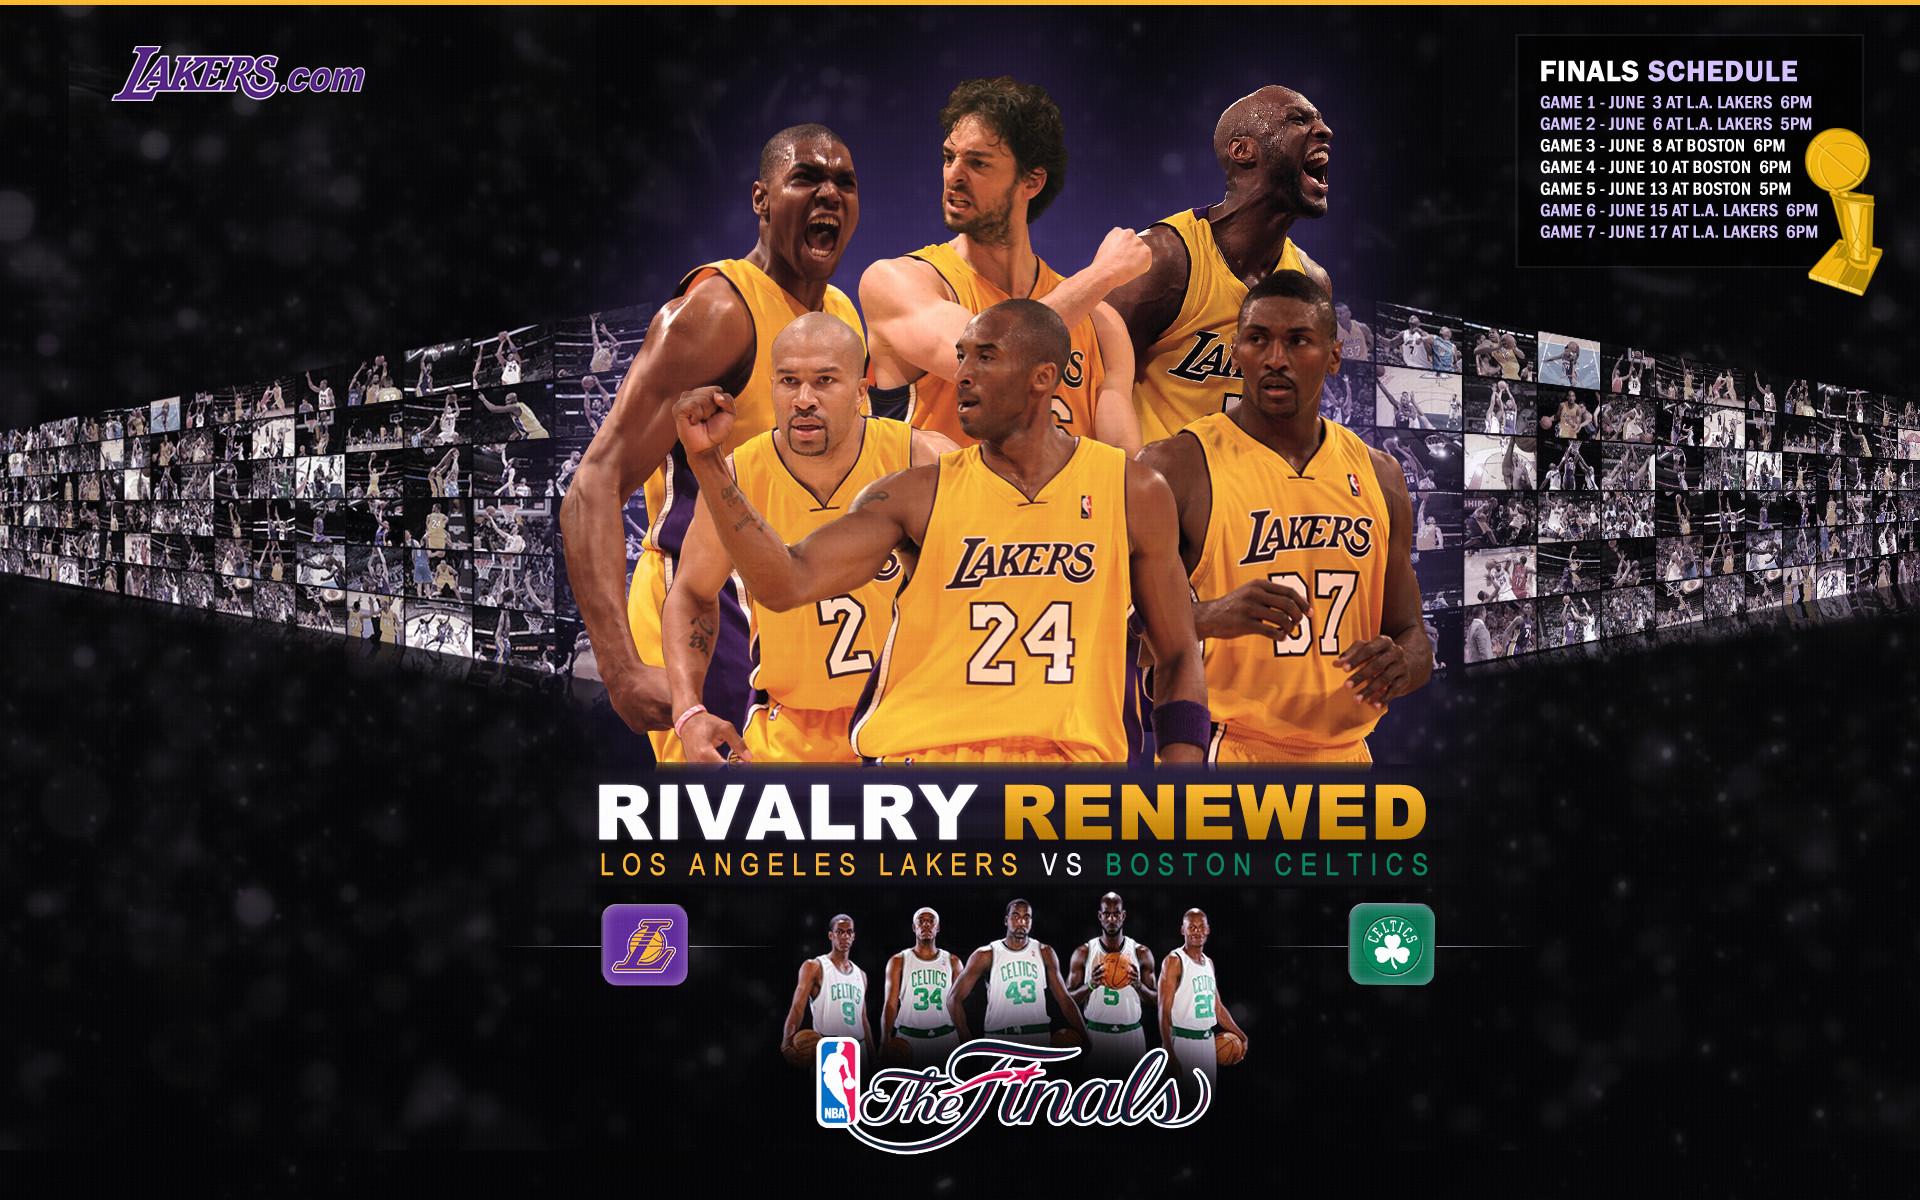 NBA Finals Schedule Regular: 1280×1024. Widescreen: 1920×1200